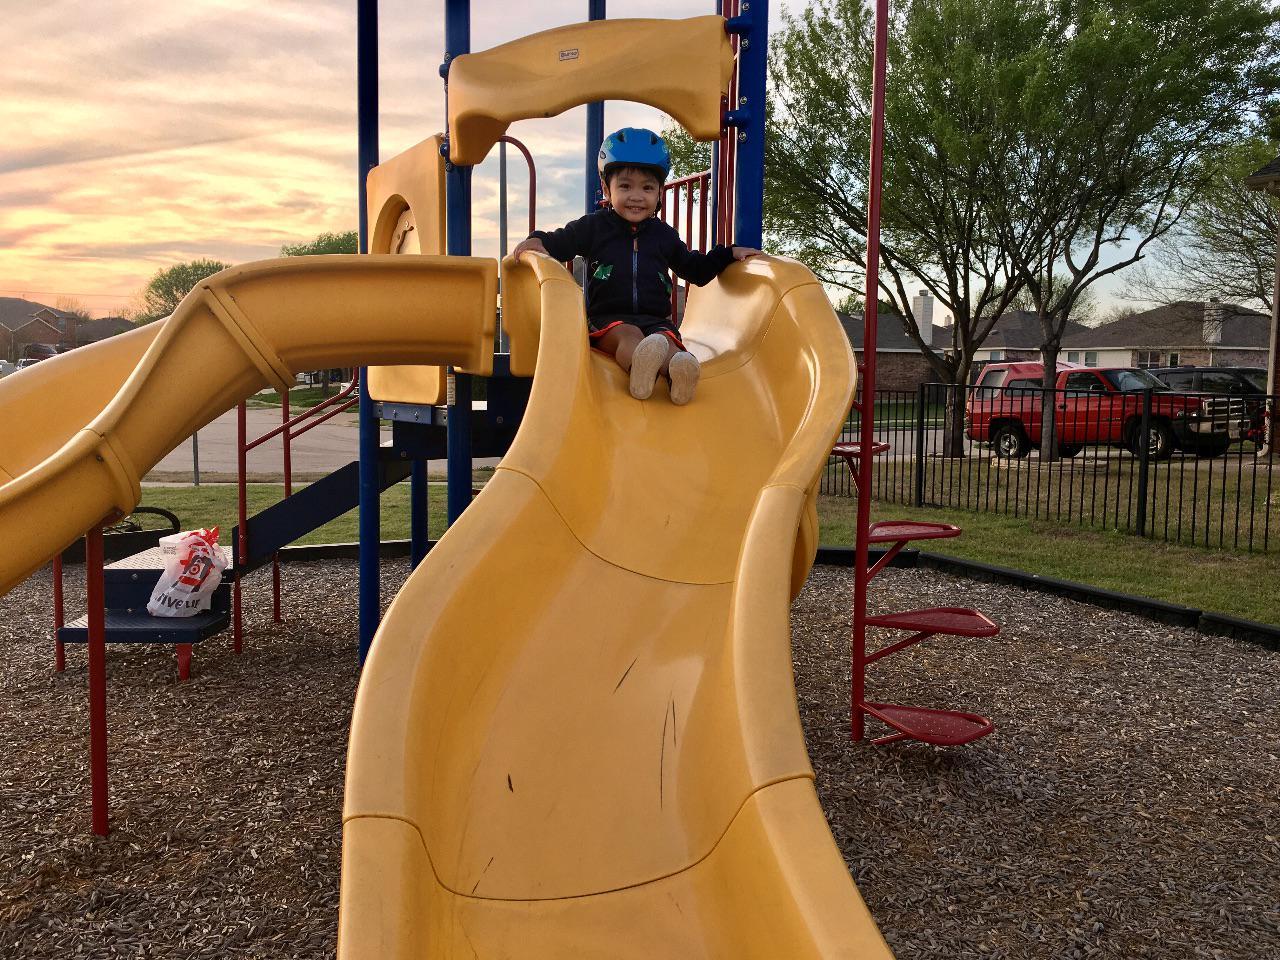 Davin at the playground